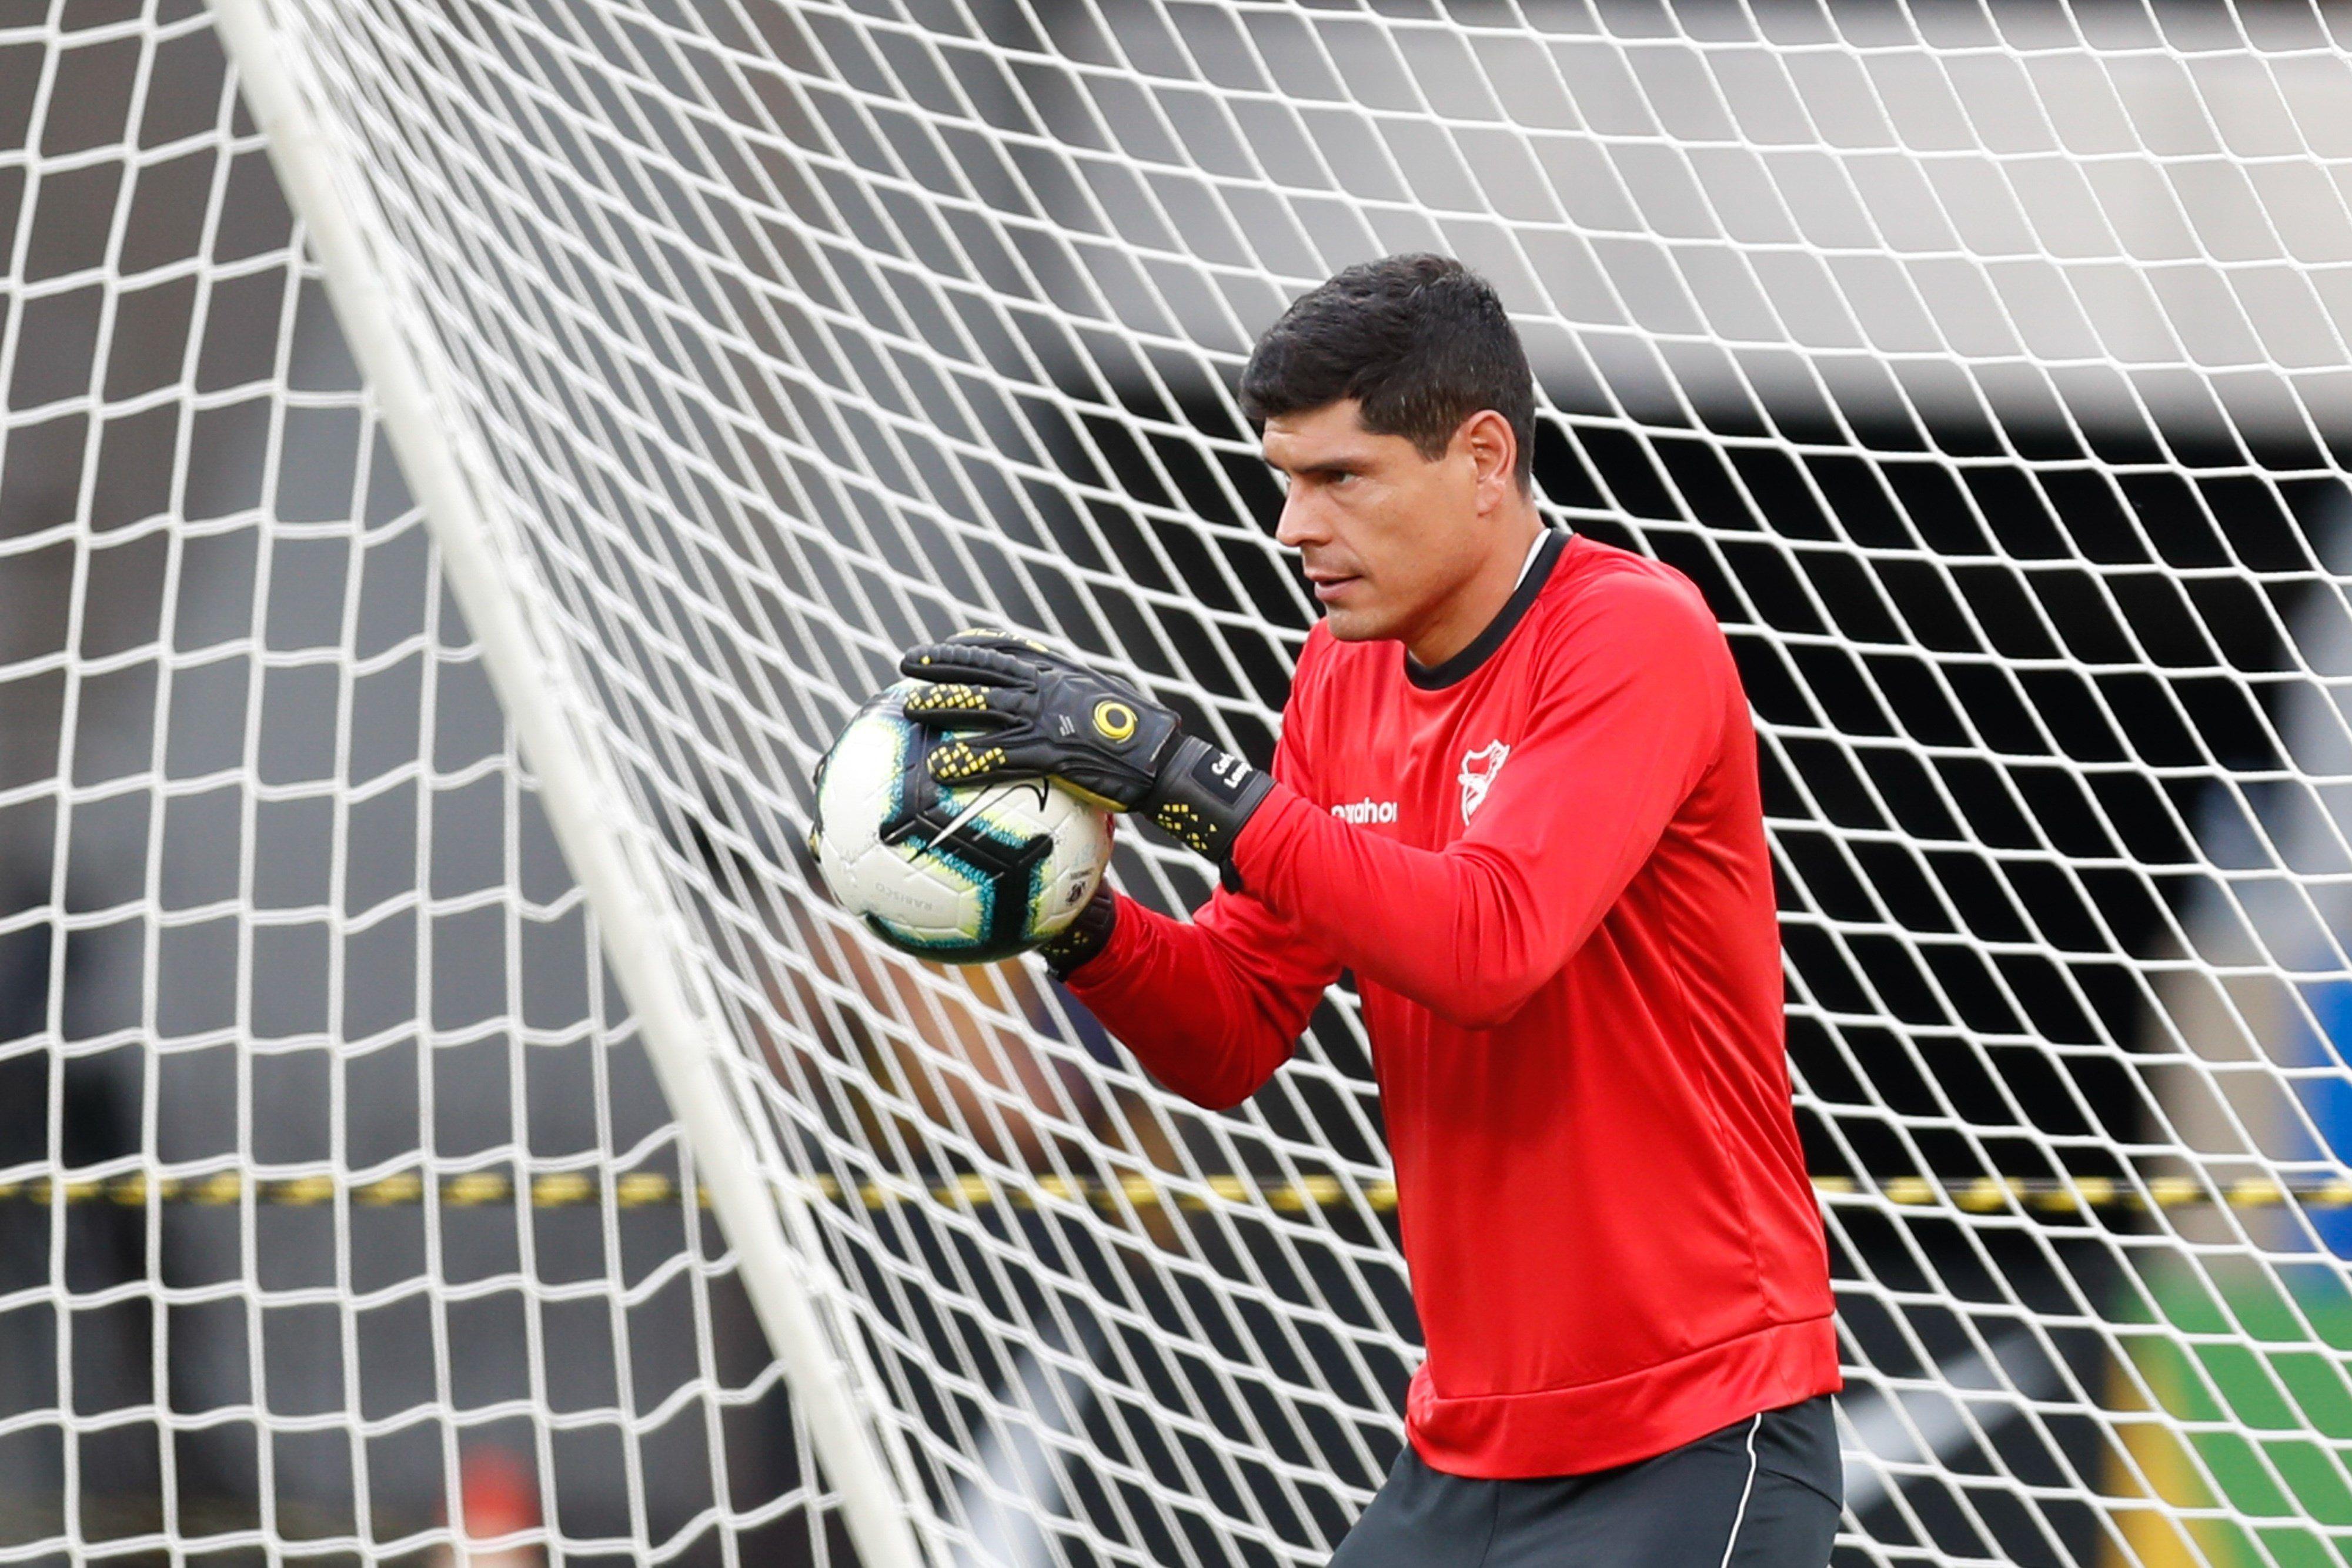 En la imagen, el portero Carlos Lampe, de la selección boliviana de fútbol y del club Always Ready de El Alto (EFE)